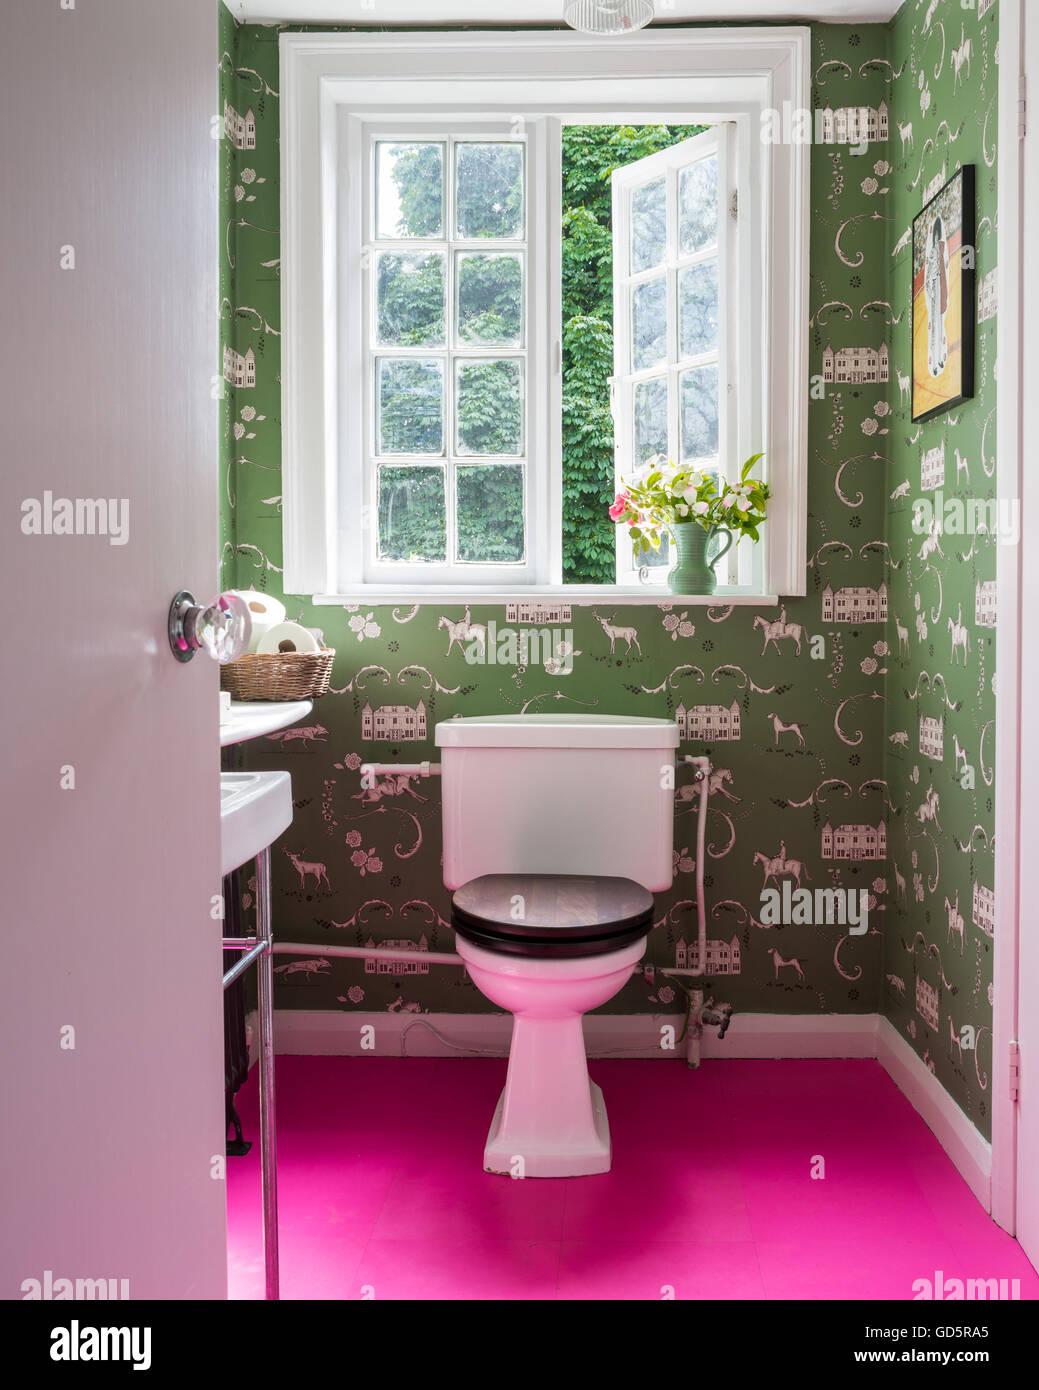 Rose vibrante carrelage dans vestiaire avec toilettes vert wallpaper Photo Stock